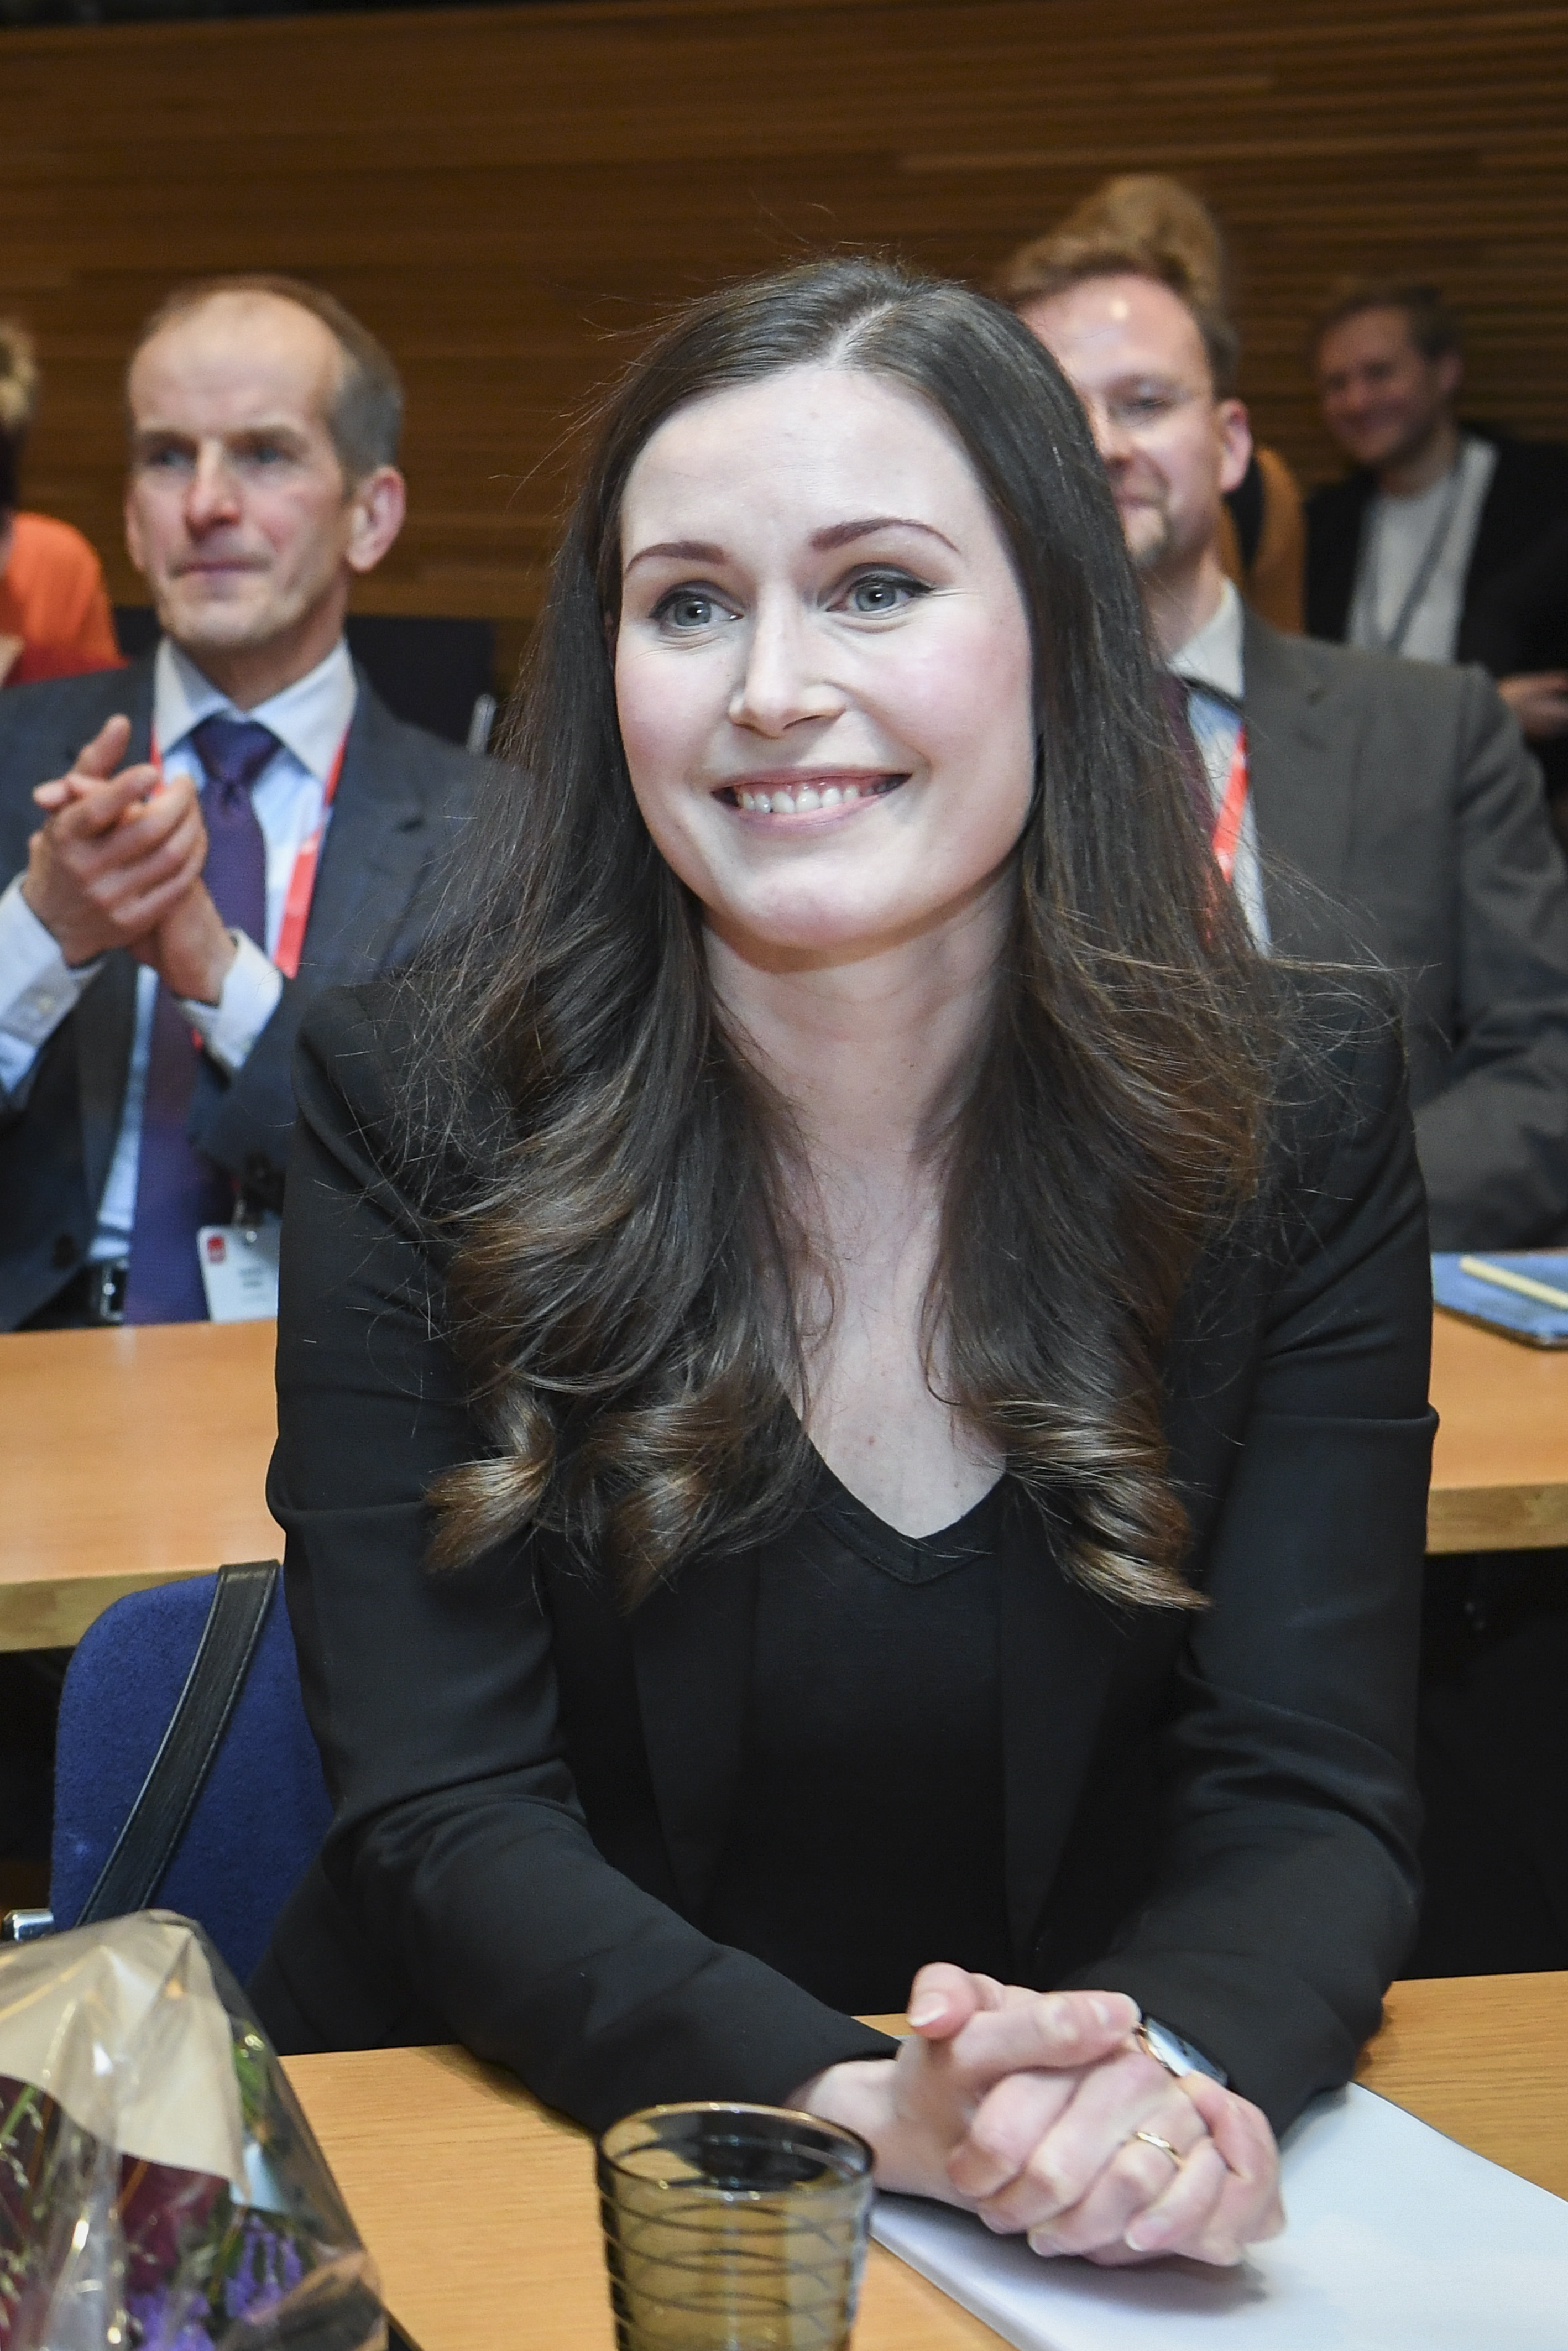 Φινλανδία: Η 34χρονη Σάνα Μαρίν έγινε η νεότερη πρωθυπουργός στον κόσμο